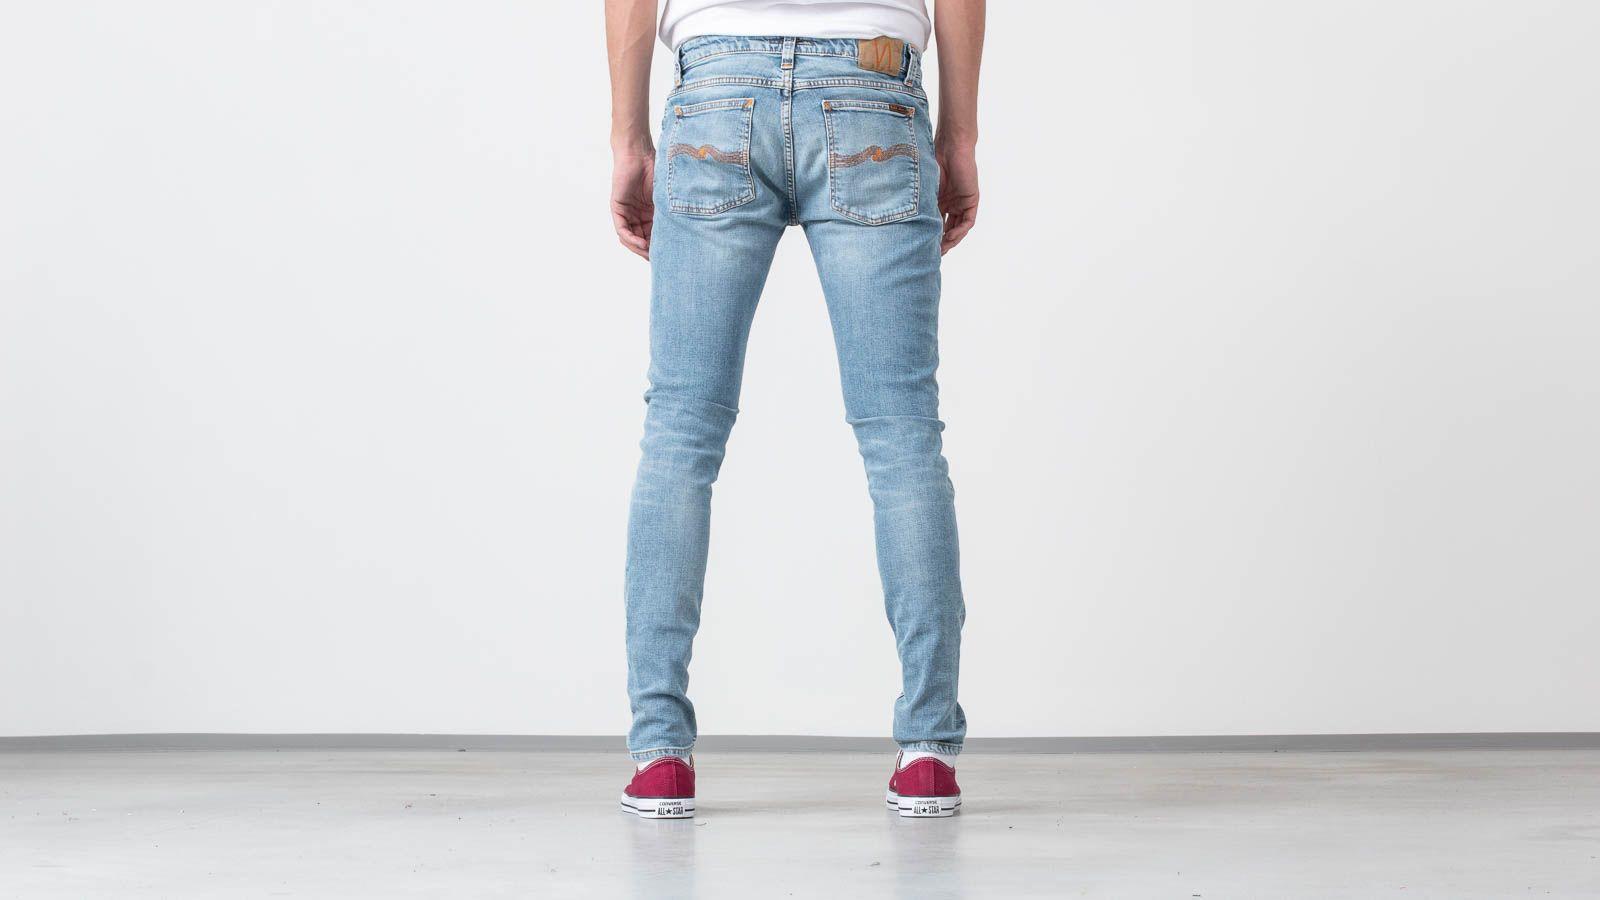 b80eaf8efe4a Nudie Jeans Skinny Lin Light Blue Power at a great price £114 buy at  Footshop